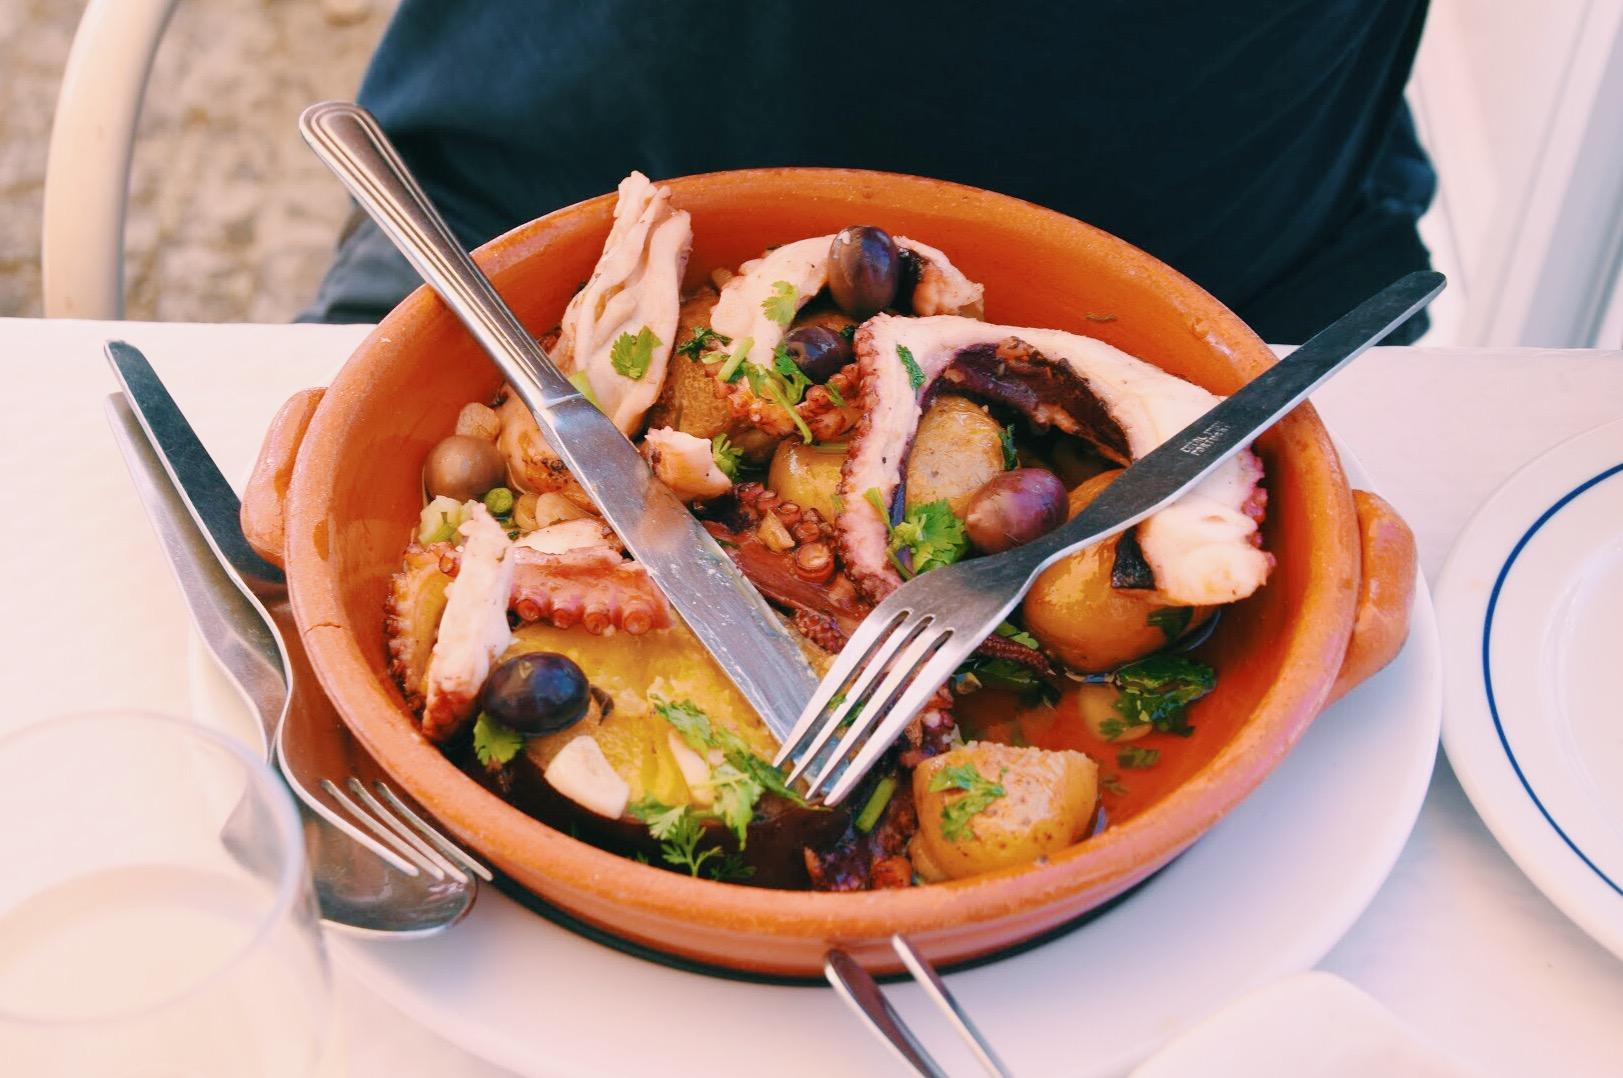 Polvo 'O Pescador'  - Octopus with herbs and potatoes at Restaurant O Pescador